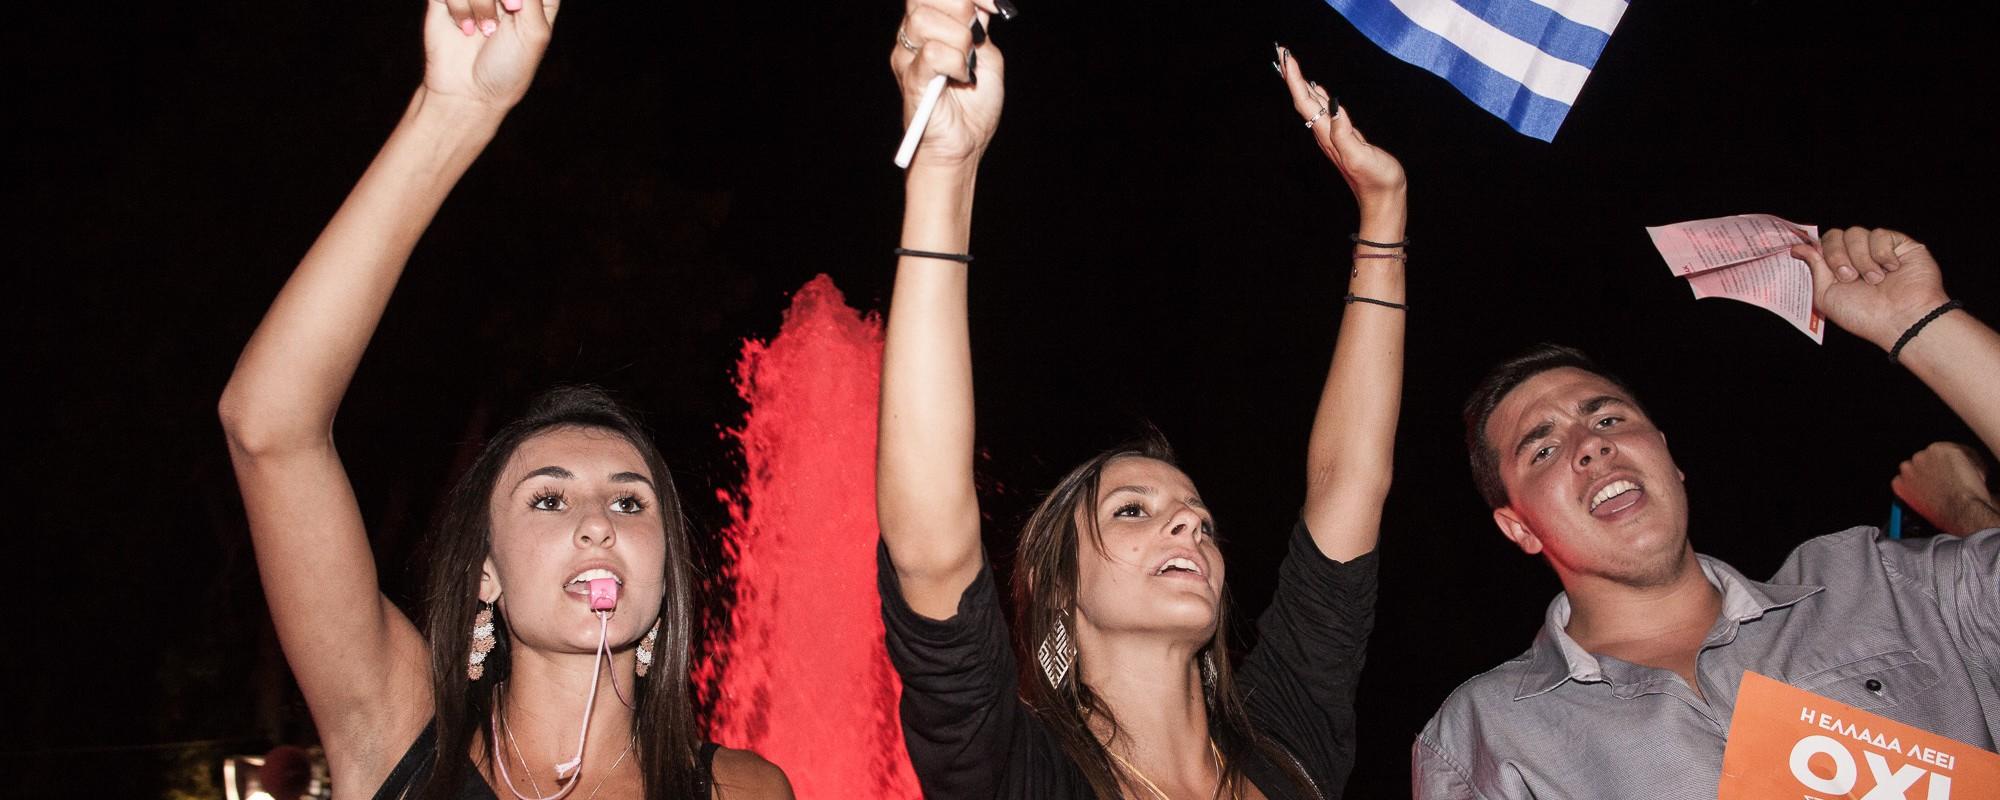 Foto's van feestvierende Grieken